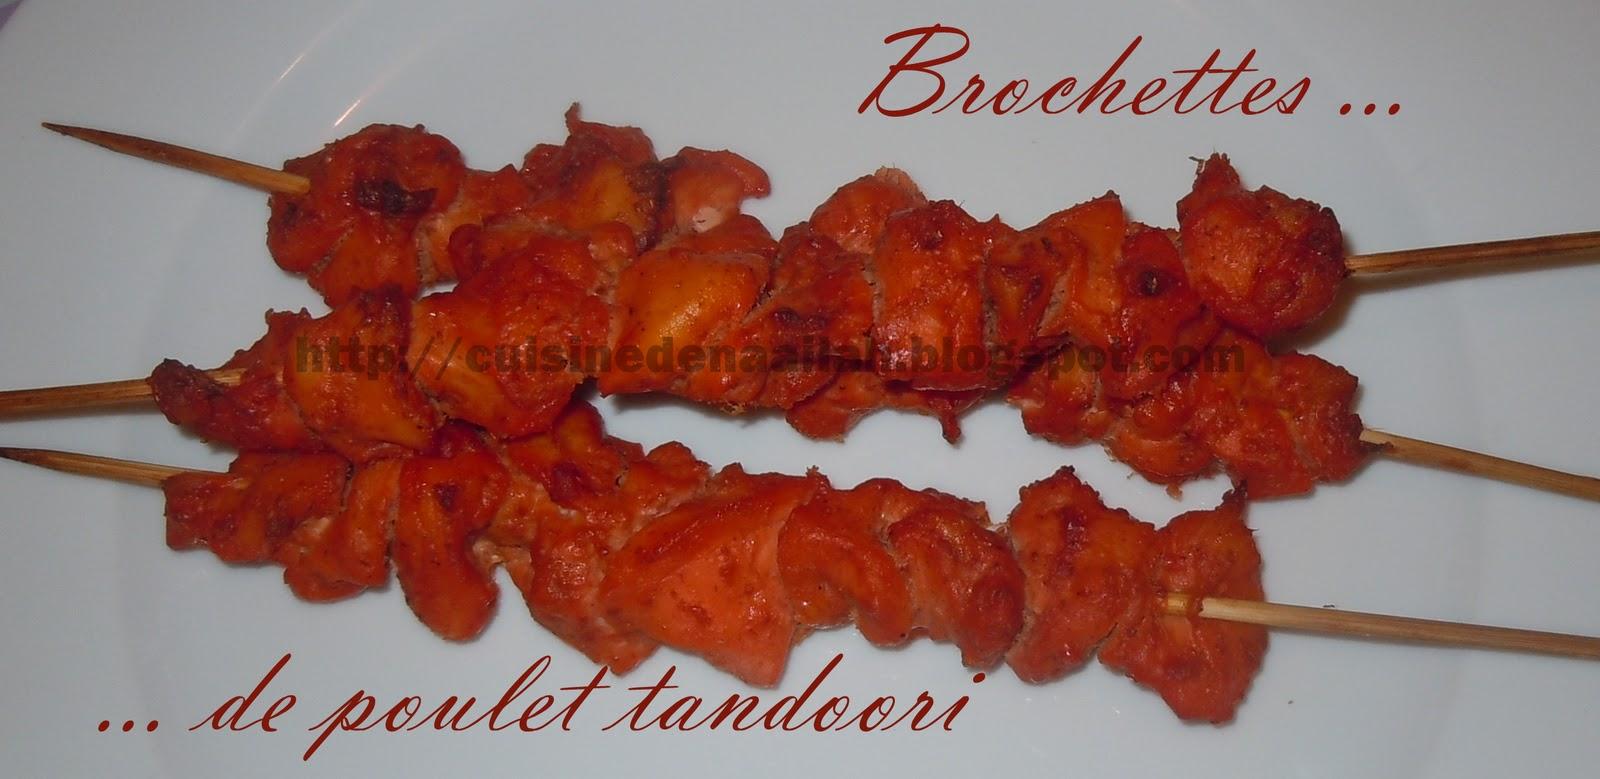 brochettes de poulet tandoori au four blogs de cuisine. Black Bedroom Furniture Sets. Home Design Ideas